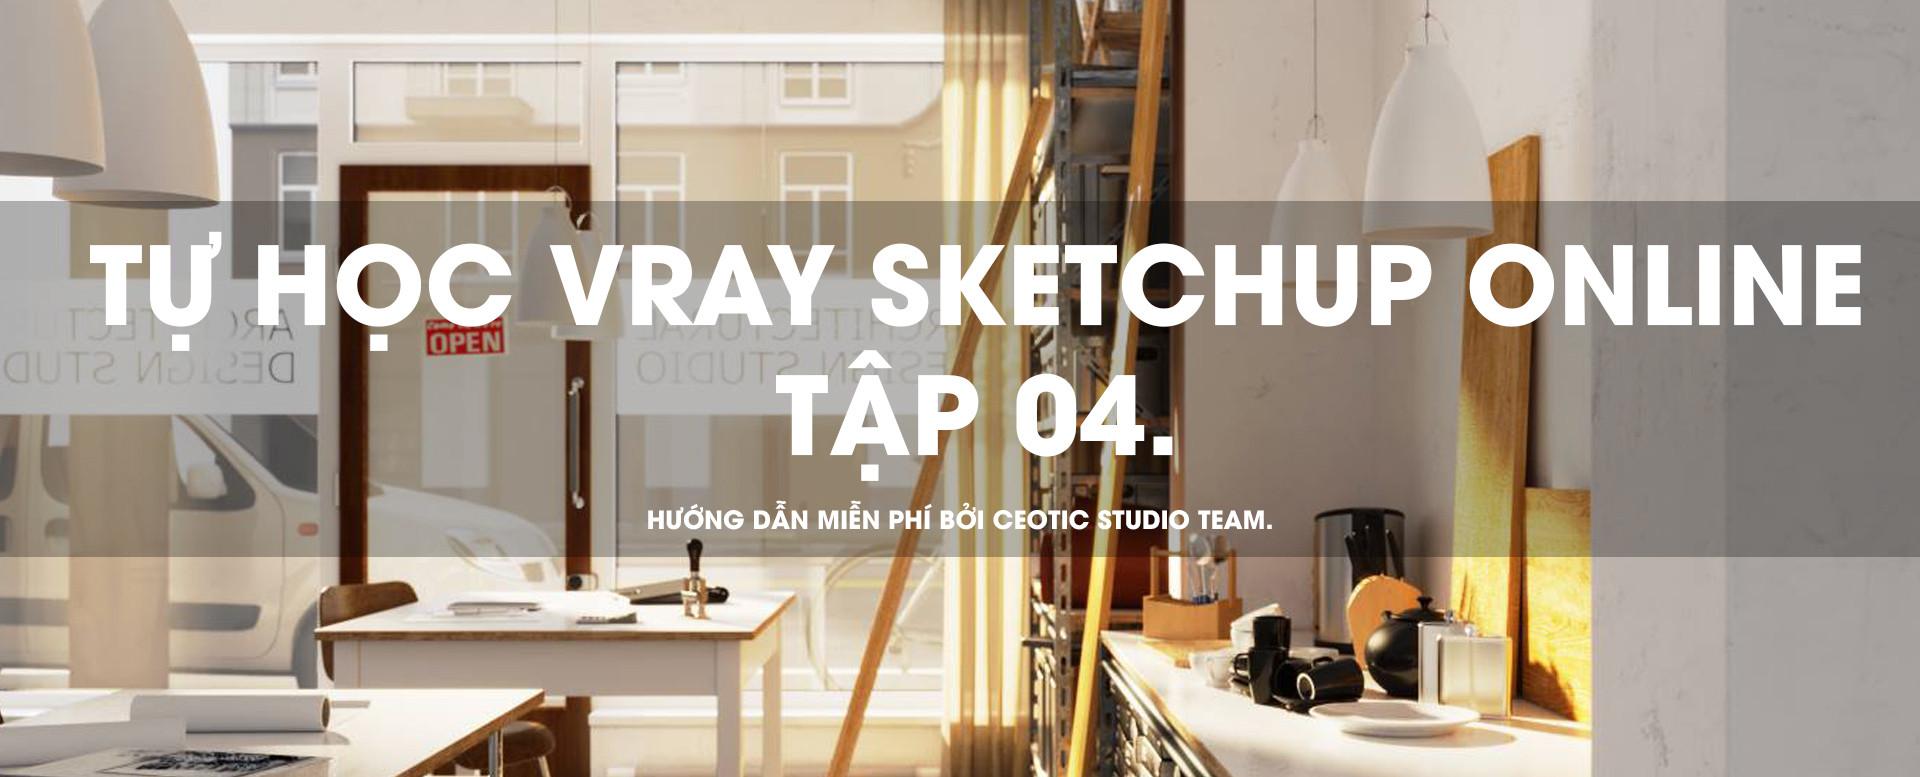 Tự học vray sketchup 04.jpg